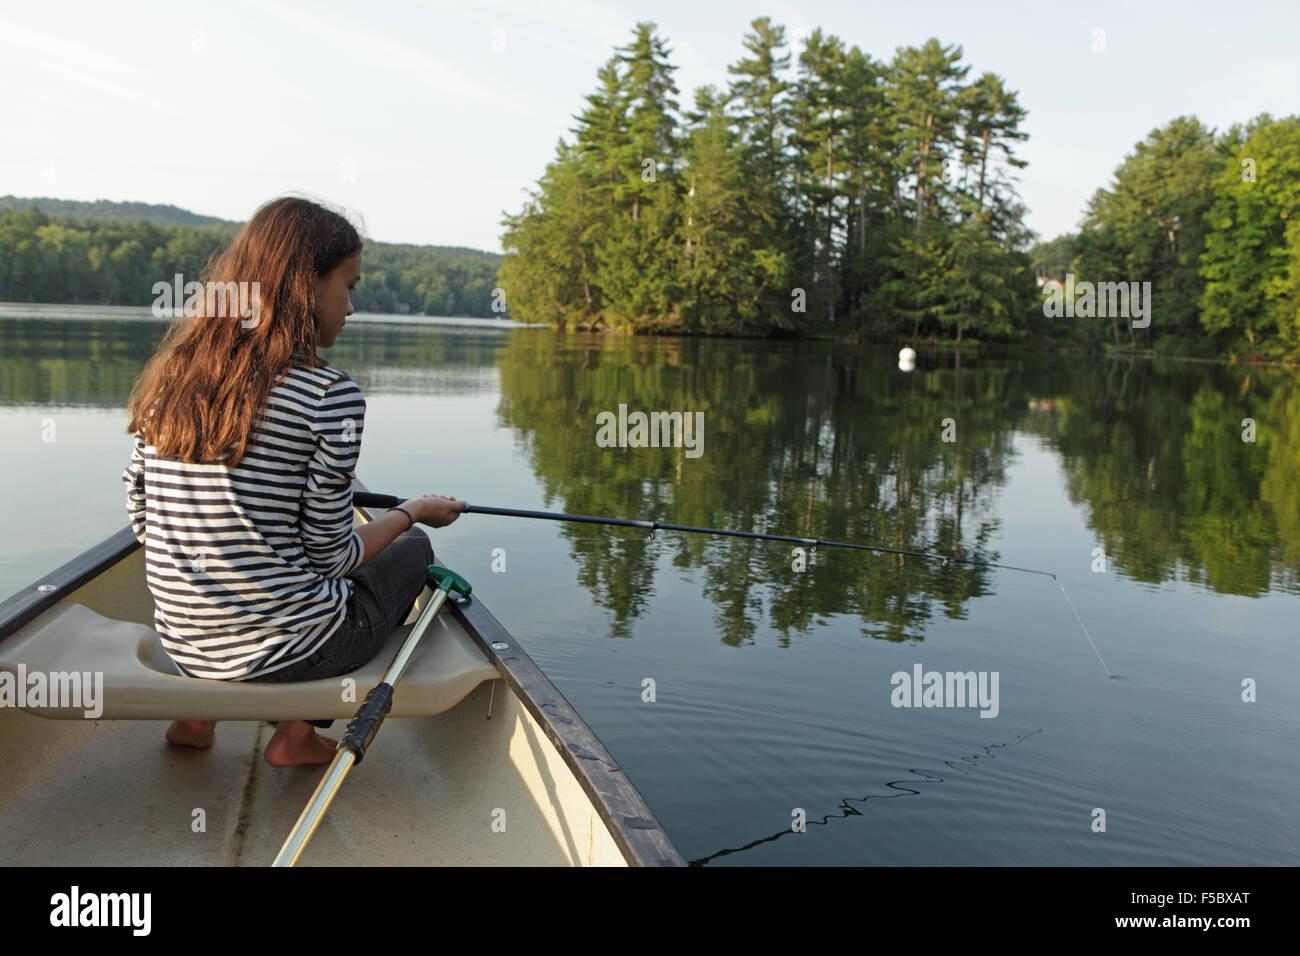 Joven la pesca desde una canoa en un lago tranquilo con árboles en el fondo Imagen De Stock